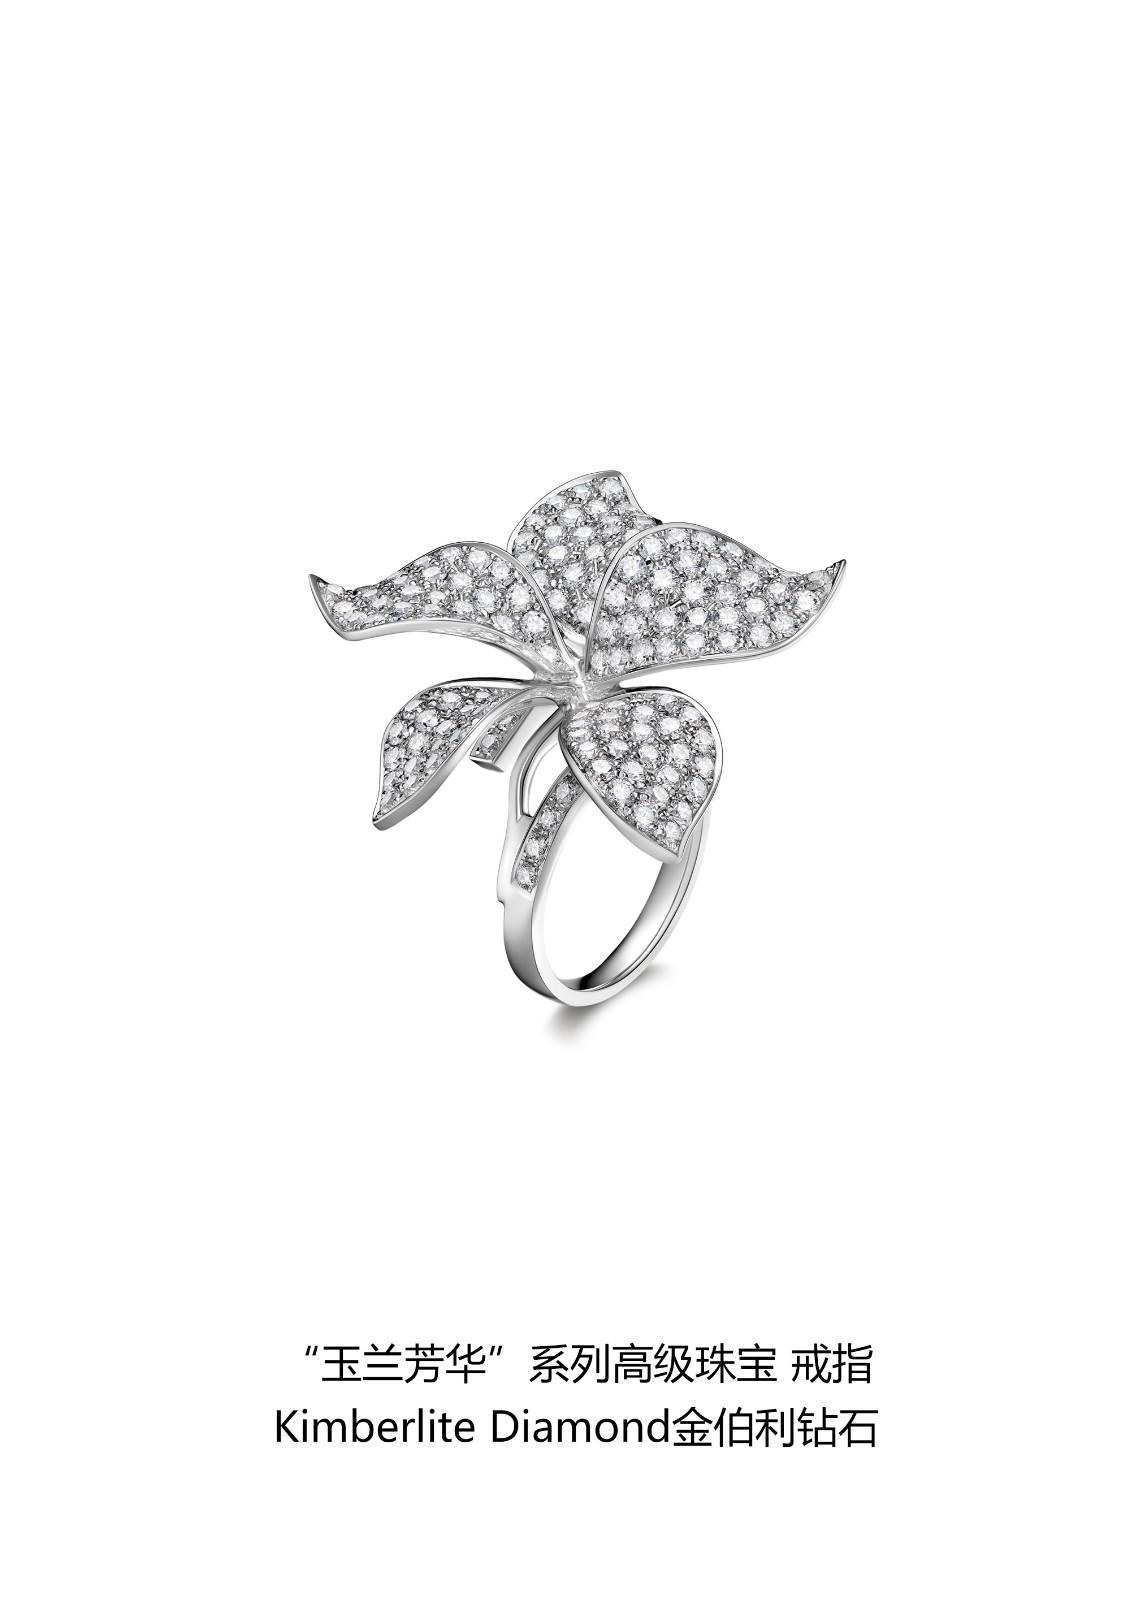 玉兰芳华系列高级珠宝之戒指